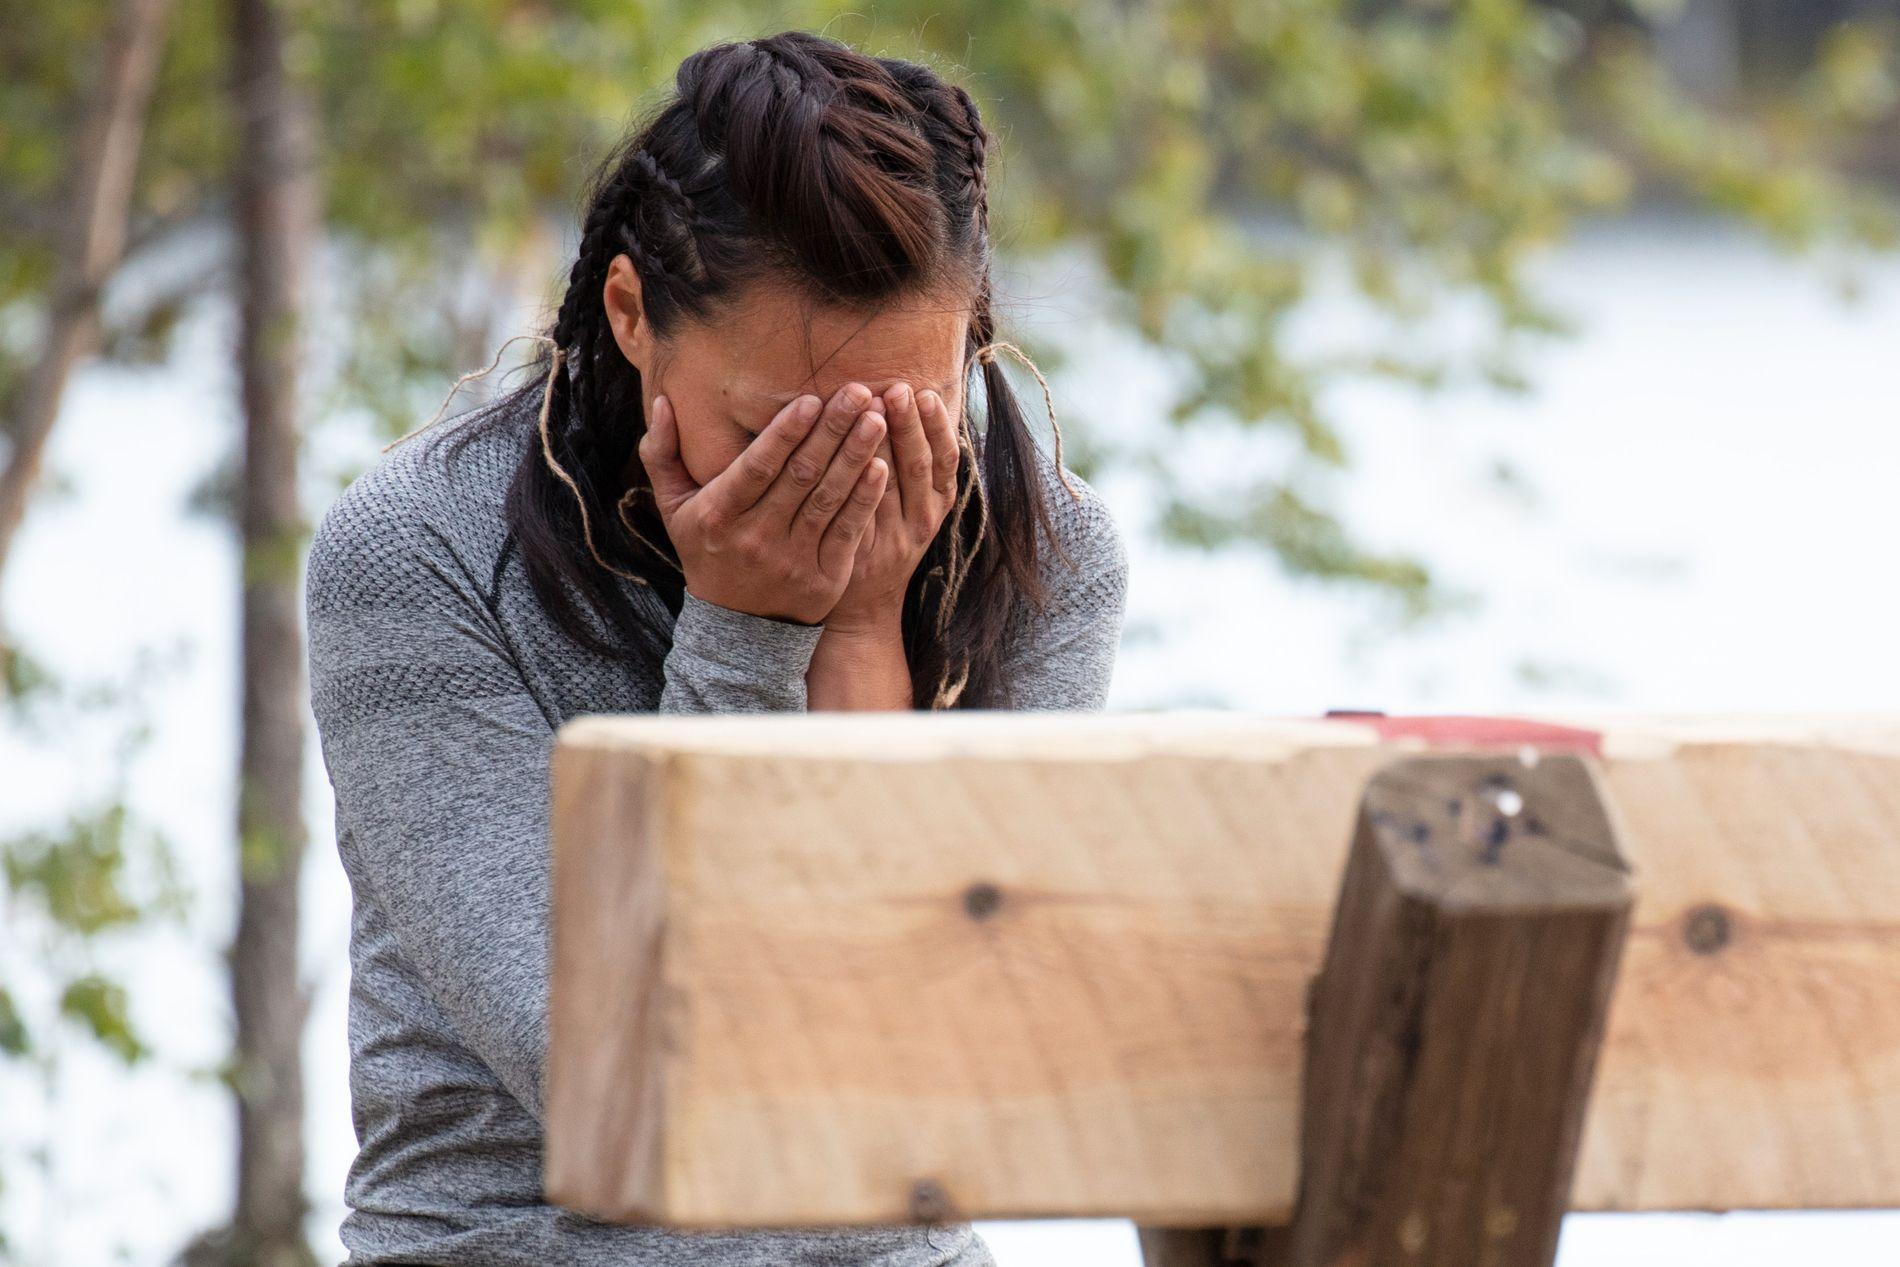 TÅREVÅTT: Stjørdalsjenta Irene klarte ikke helt å holde tårene tilbake etter å ha vunnet søndagens tvekamp.